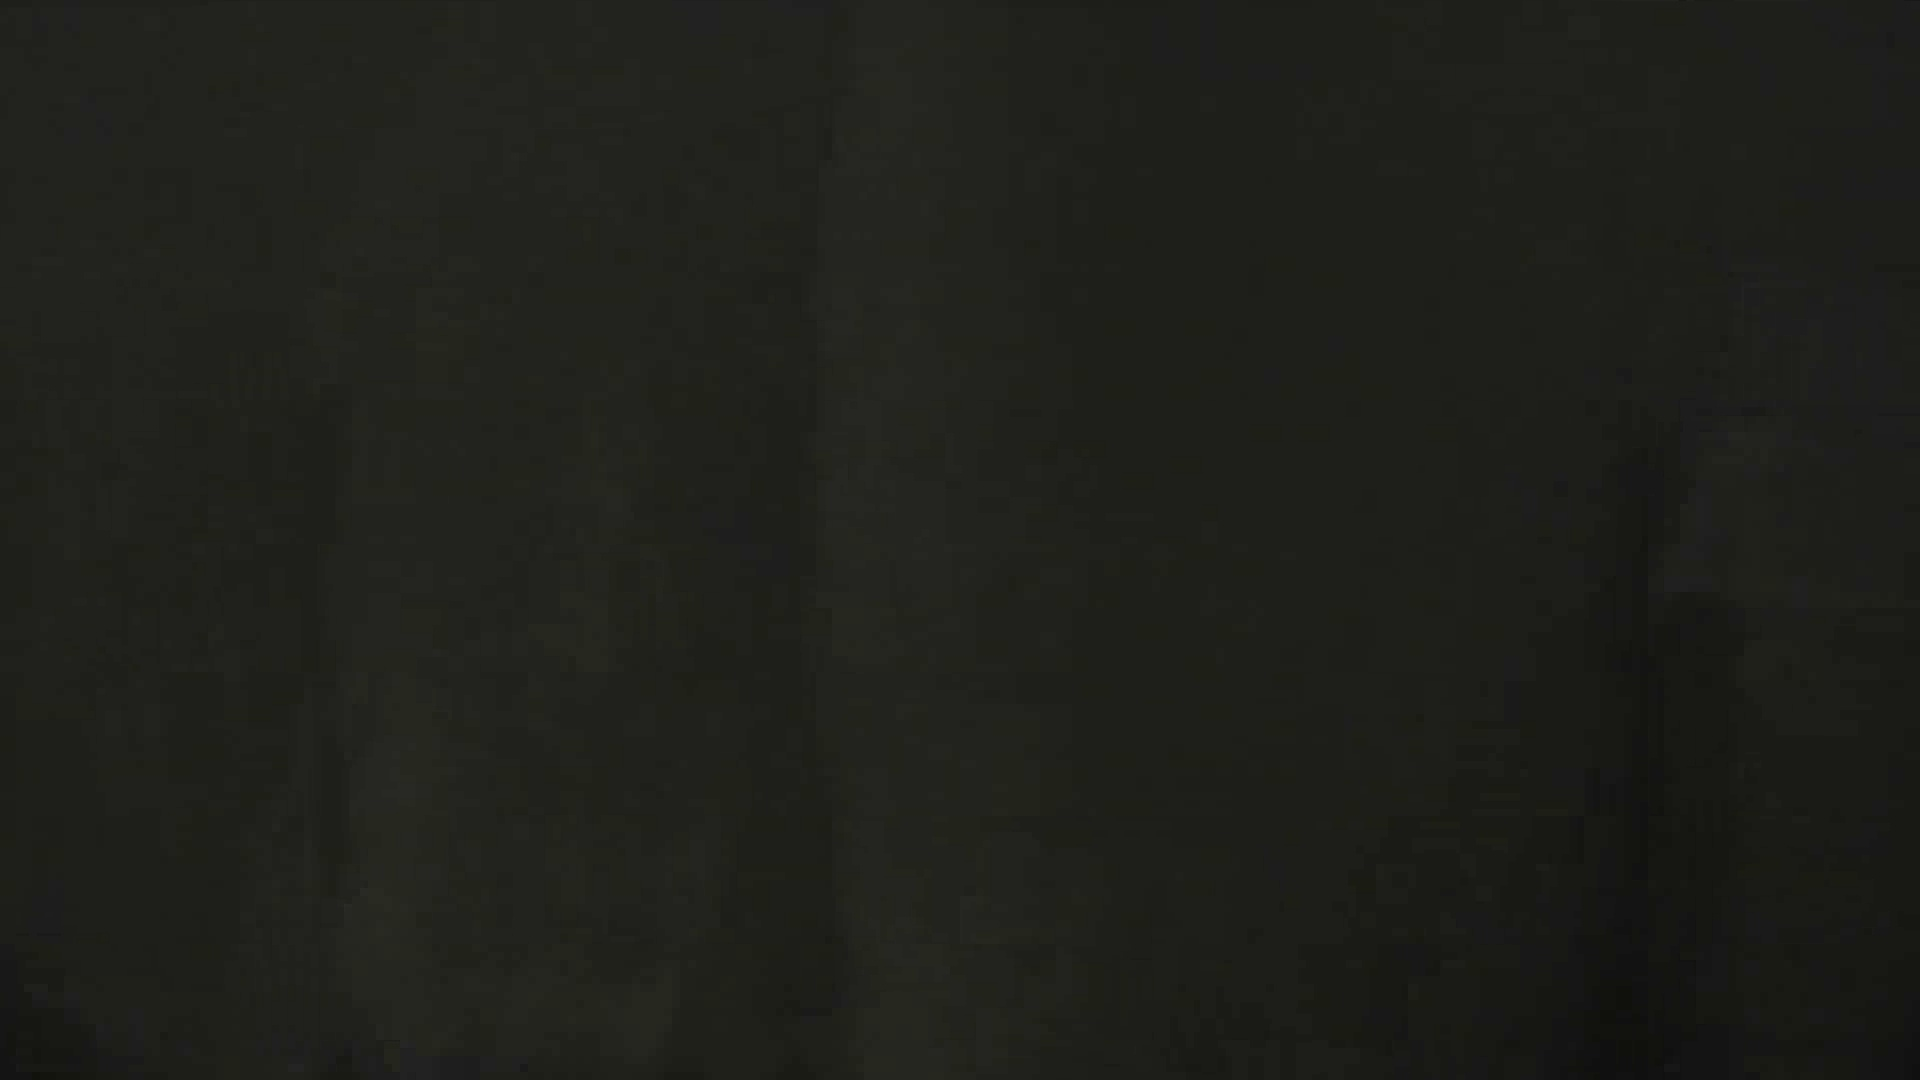 【美しき個室な世界】 vol.023 めんこい人たち 洗面所  100pic 7